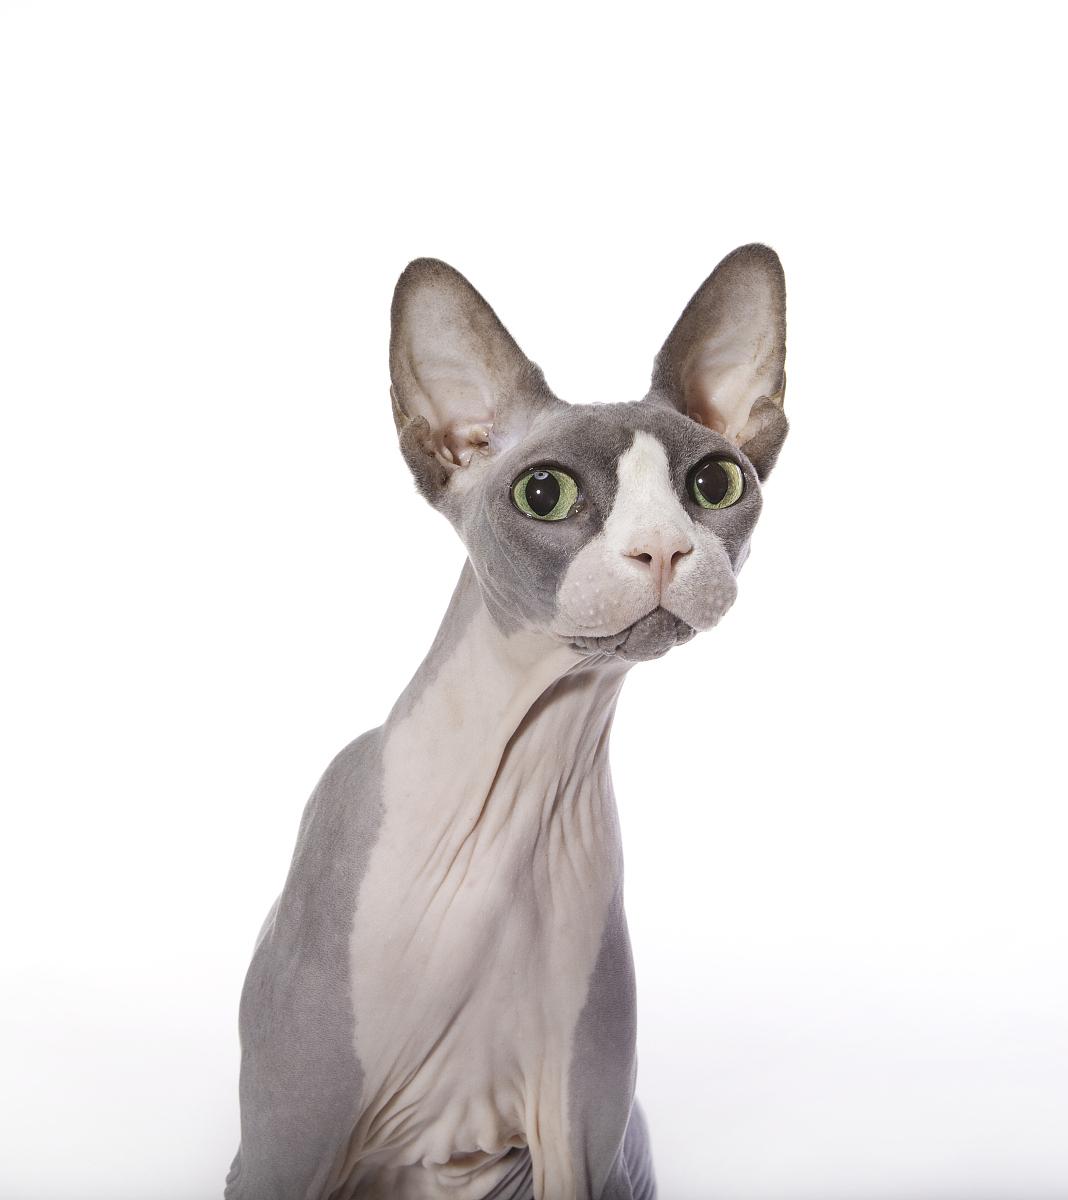 斯芬克斯猫很惊讶的表情图片